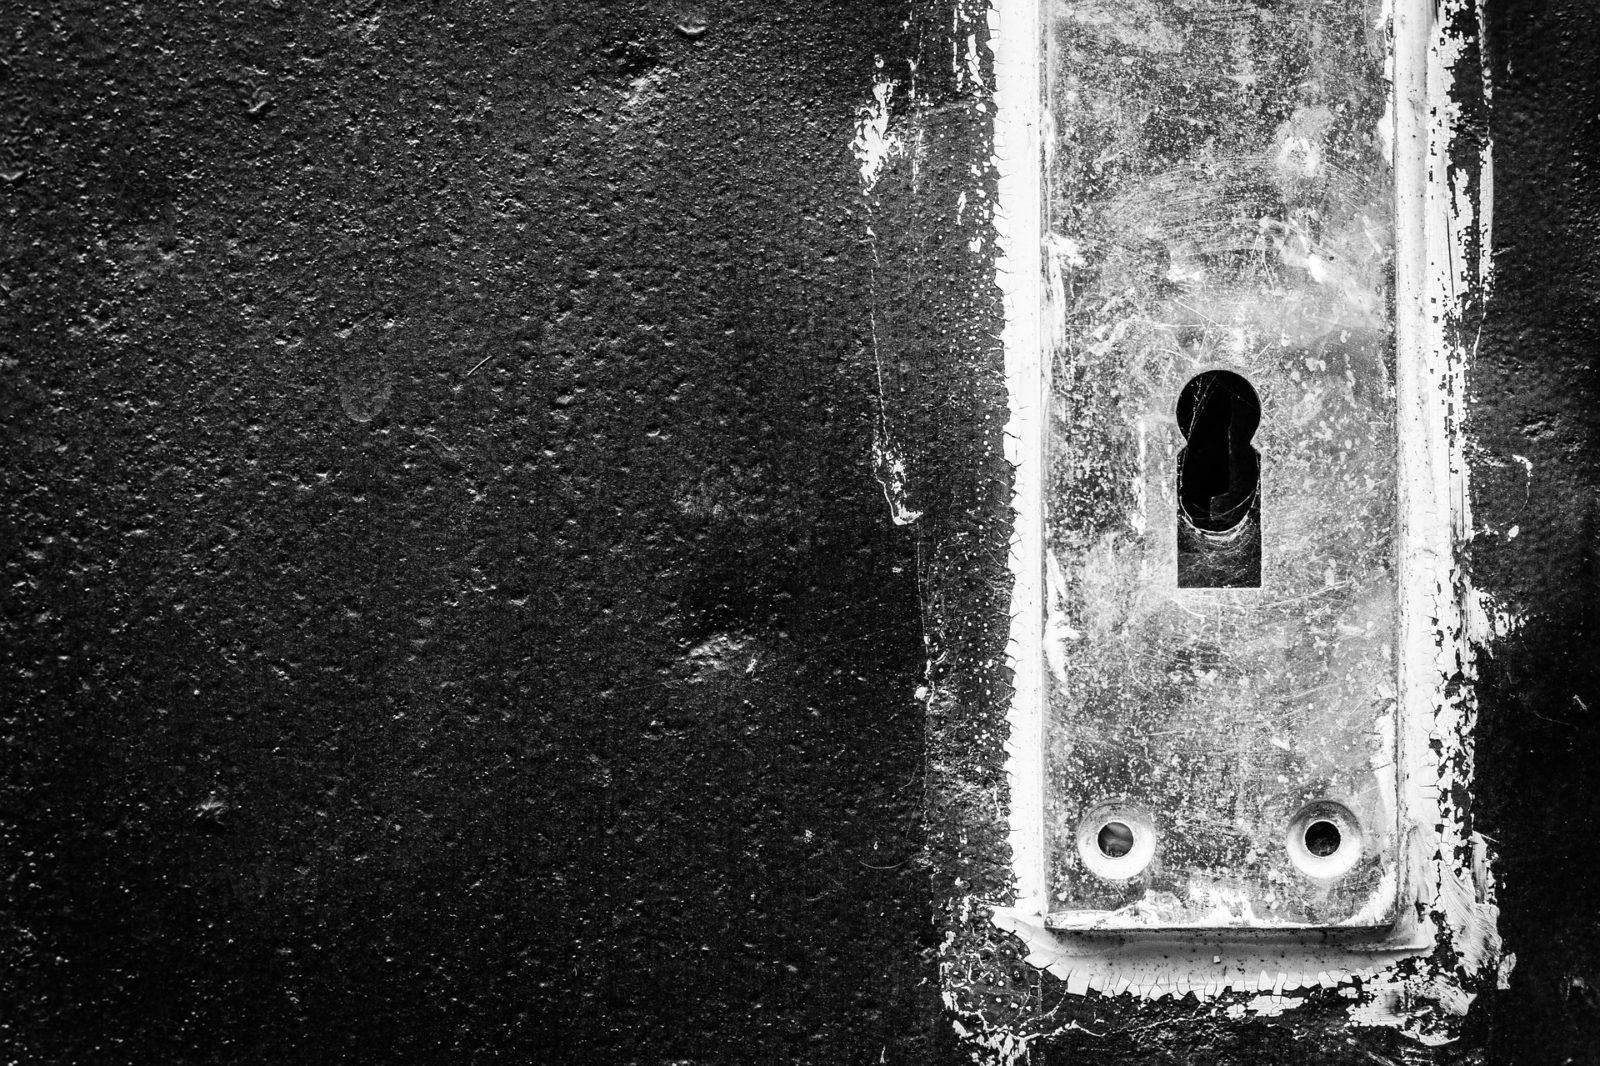 Dziurka od klucza na czarno-białym zdjęciu